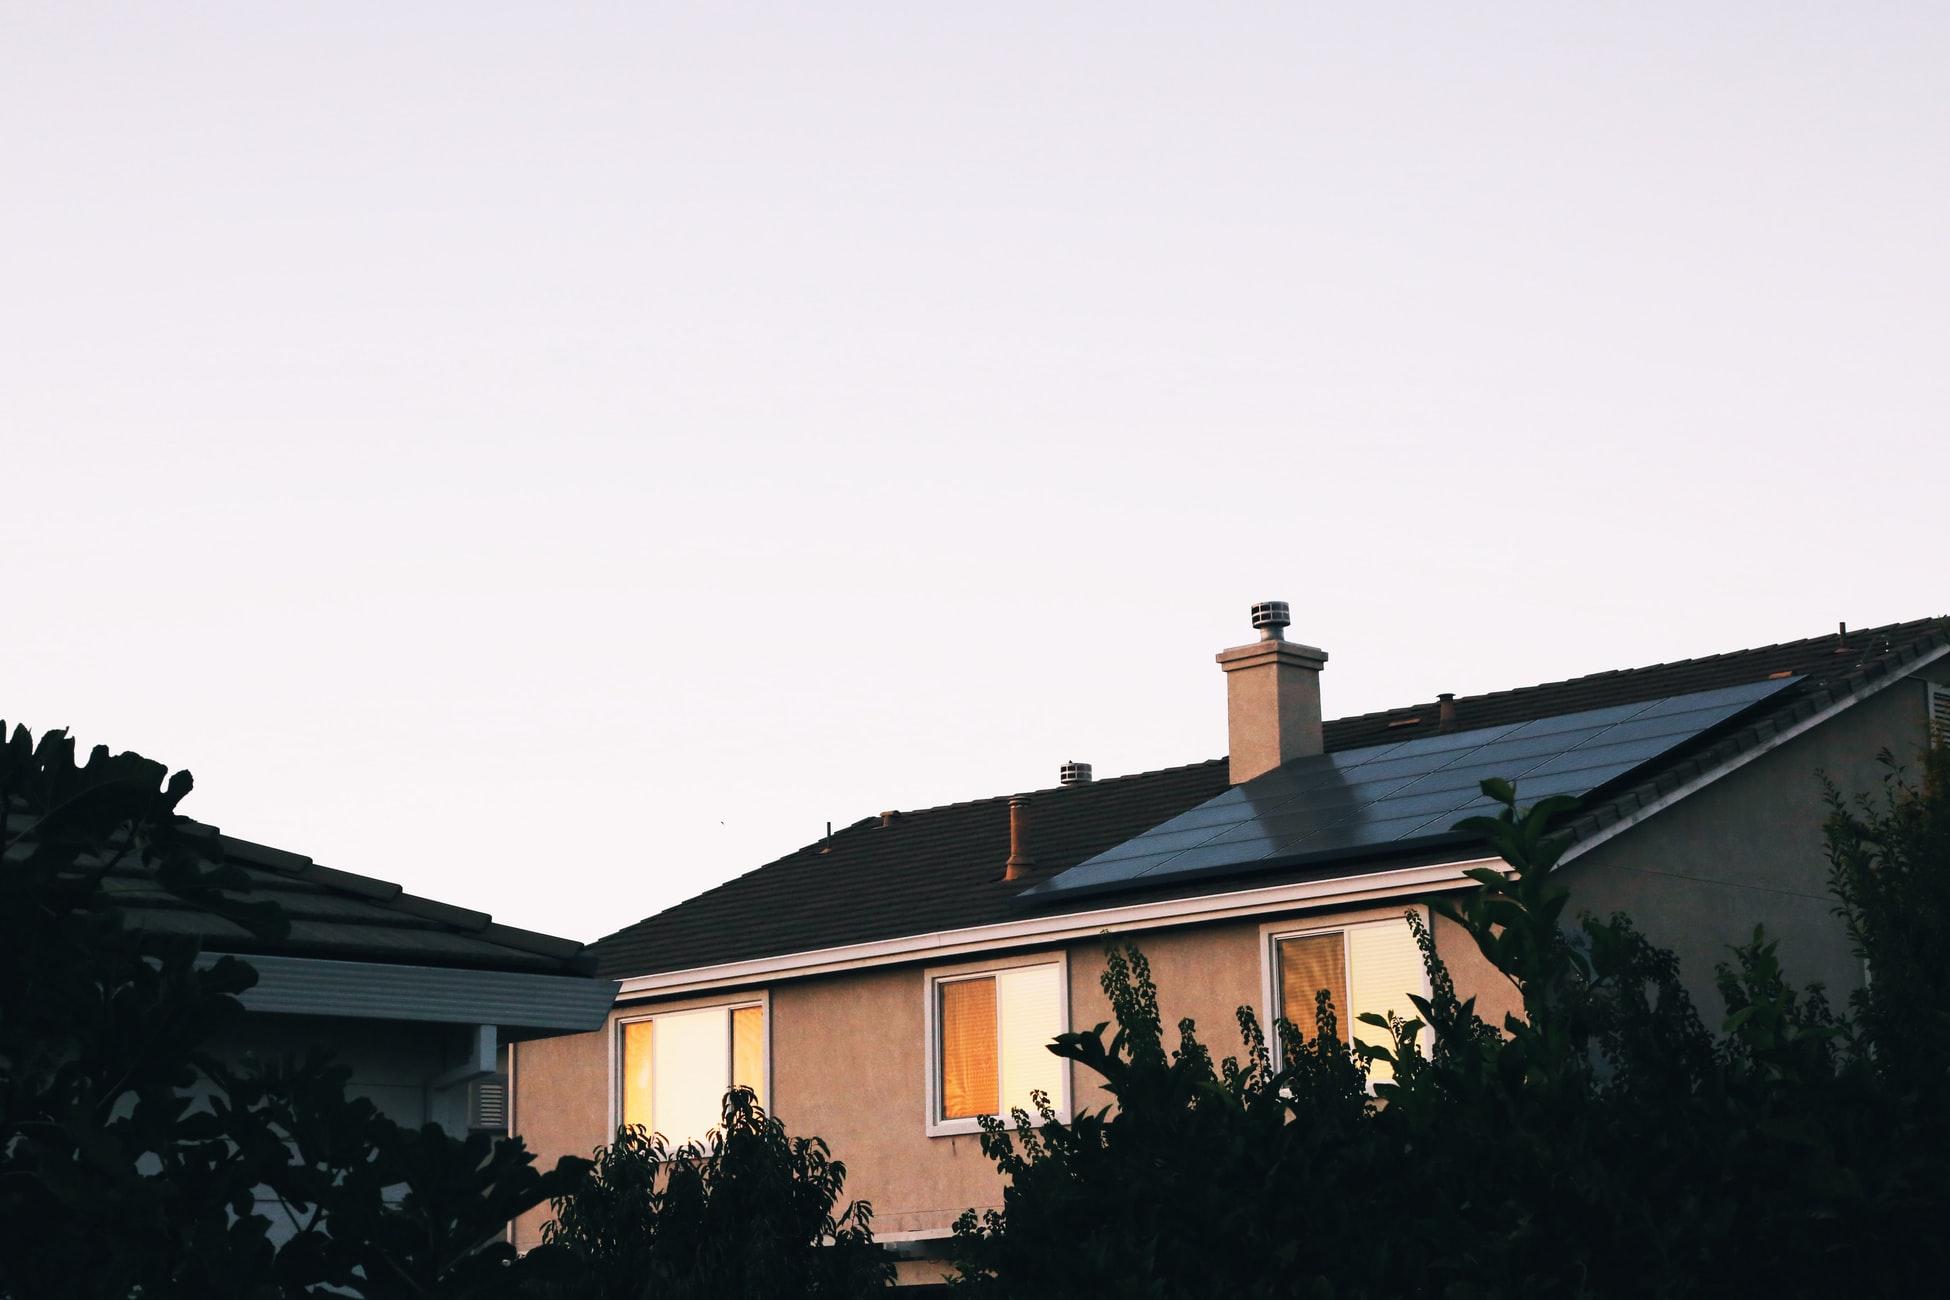 Ce material folosim pentru acoperișul casei?